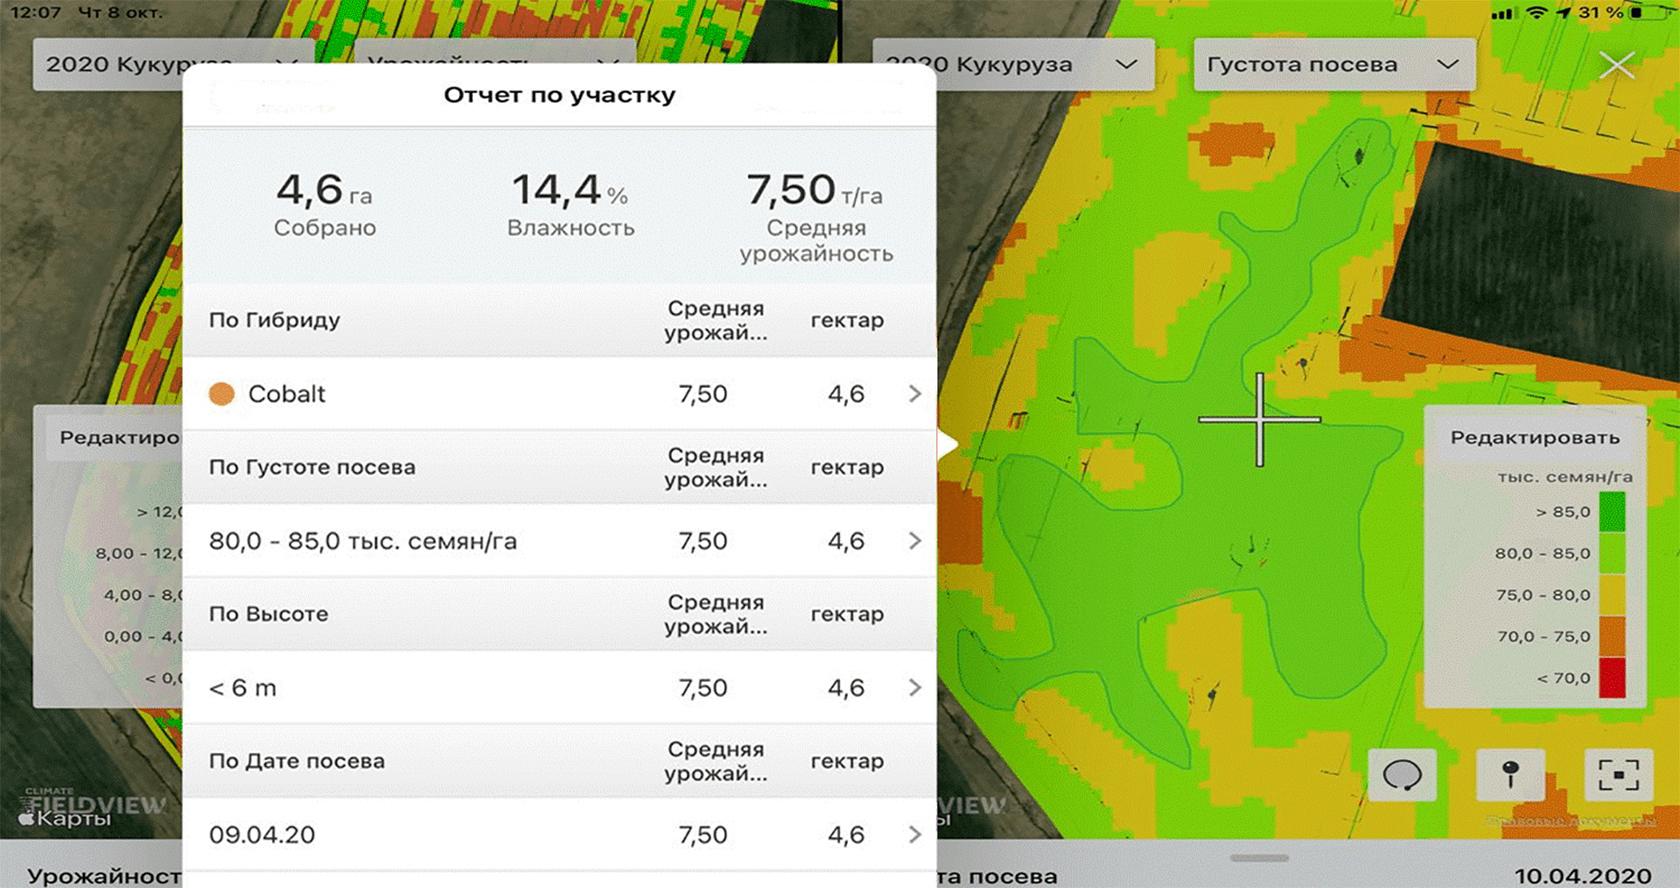 Аналіз операцій по картам врожайності